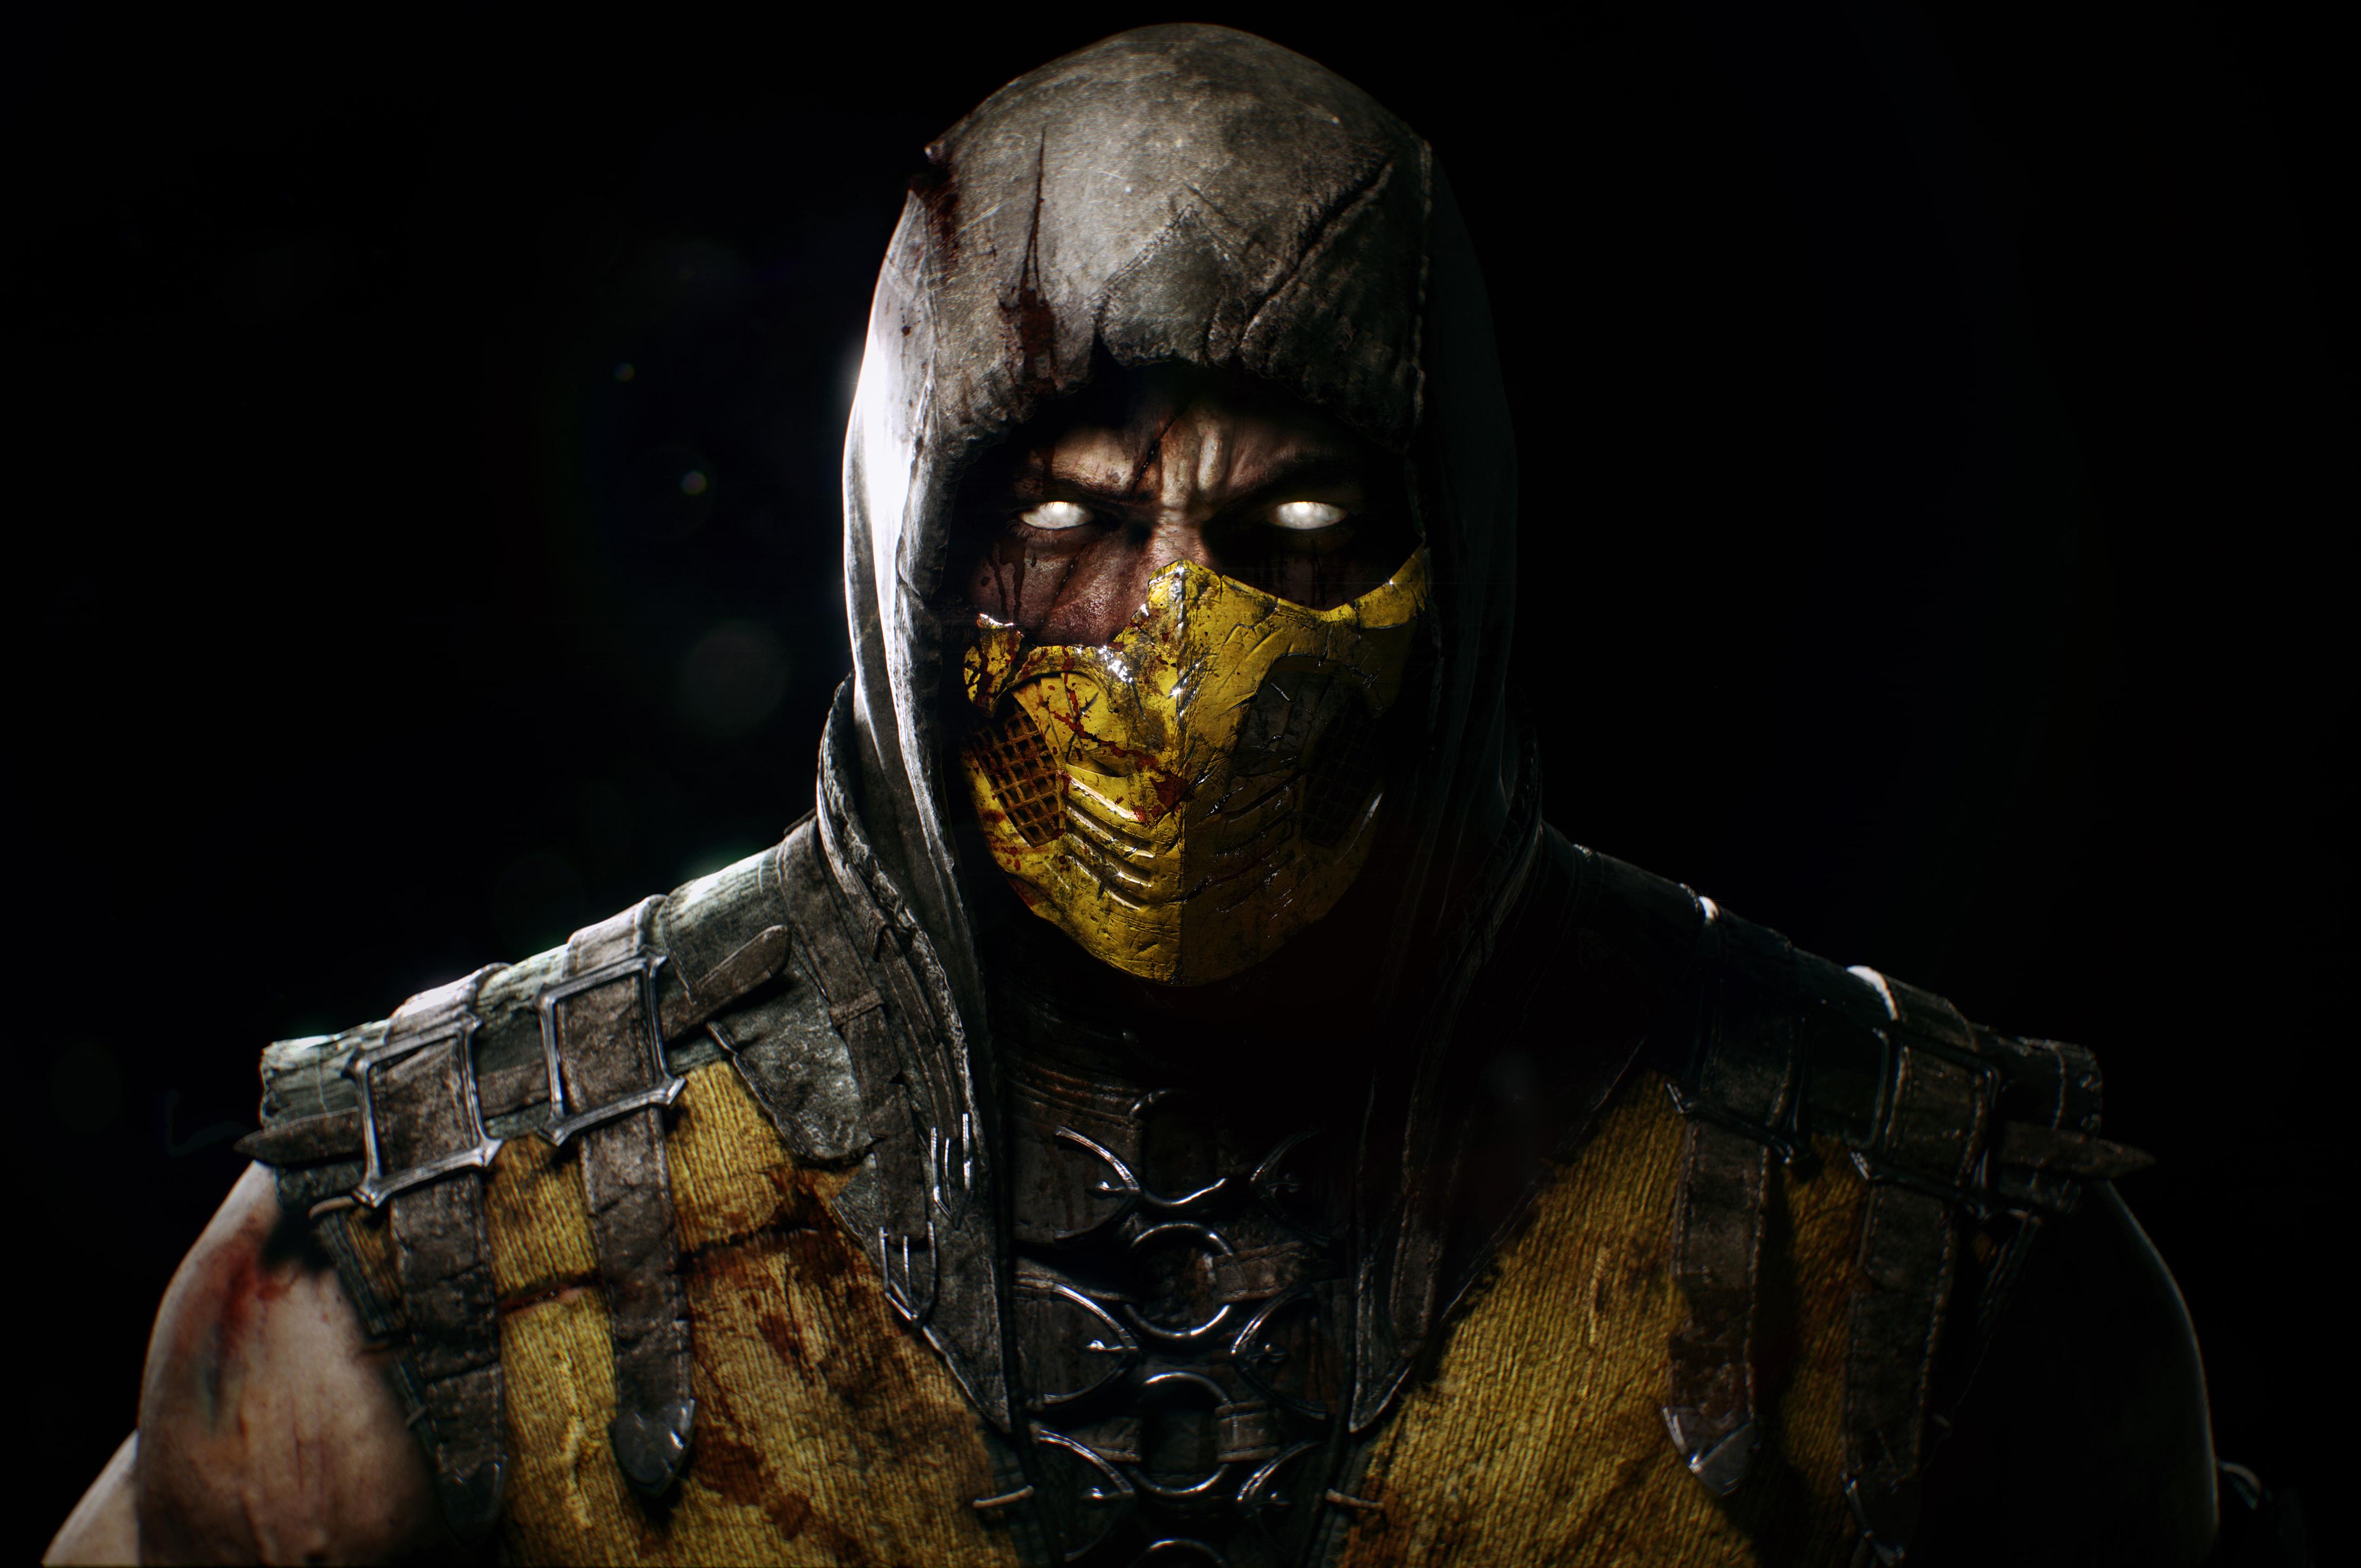 скачать игру the mask reveals disgusting face